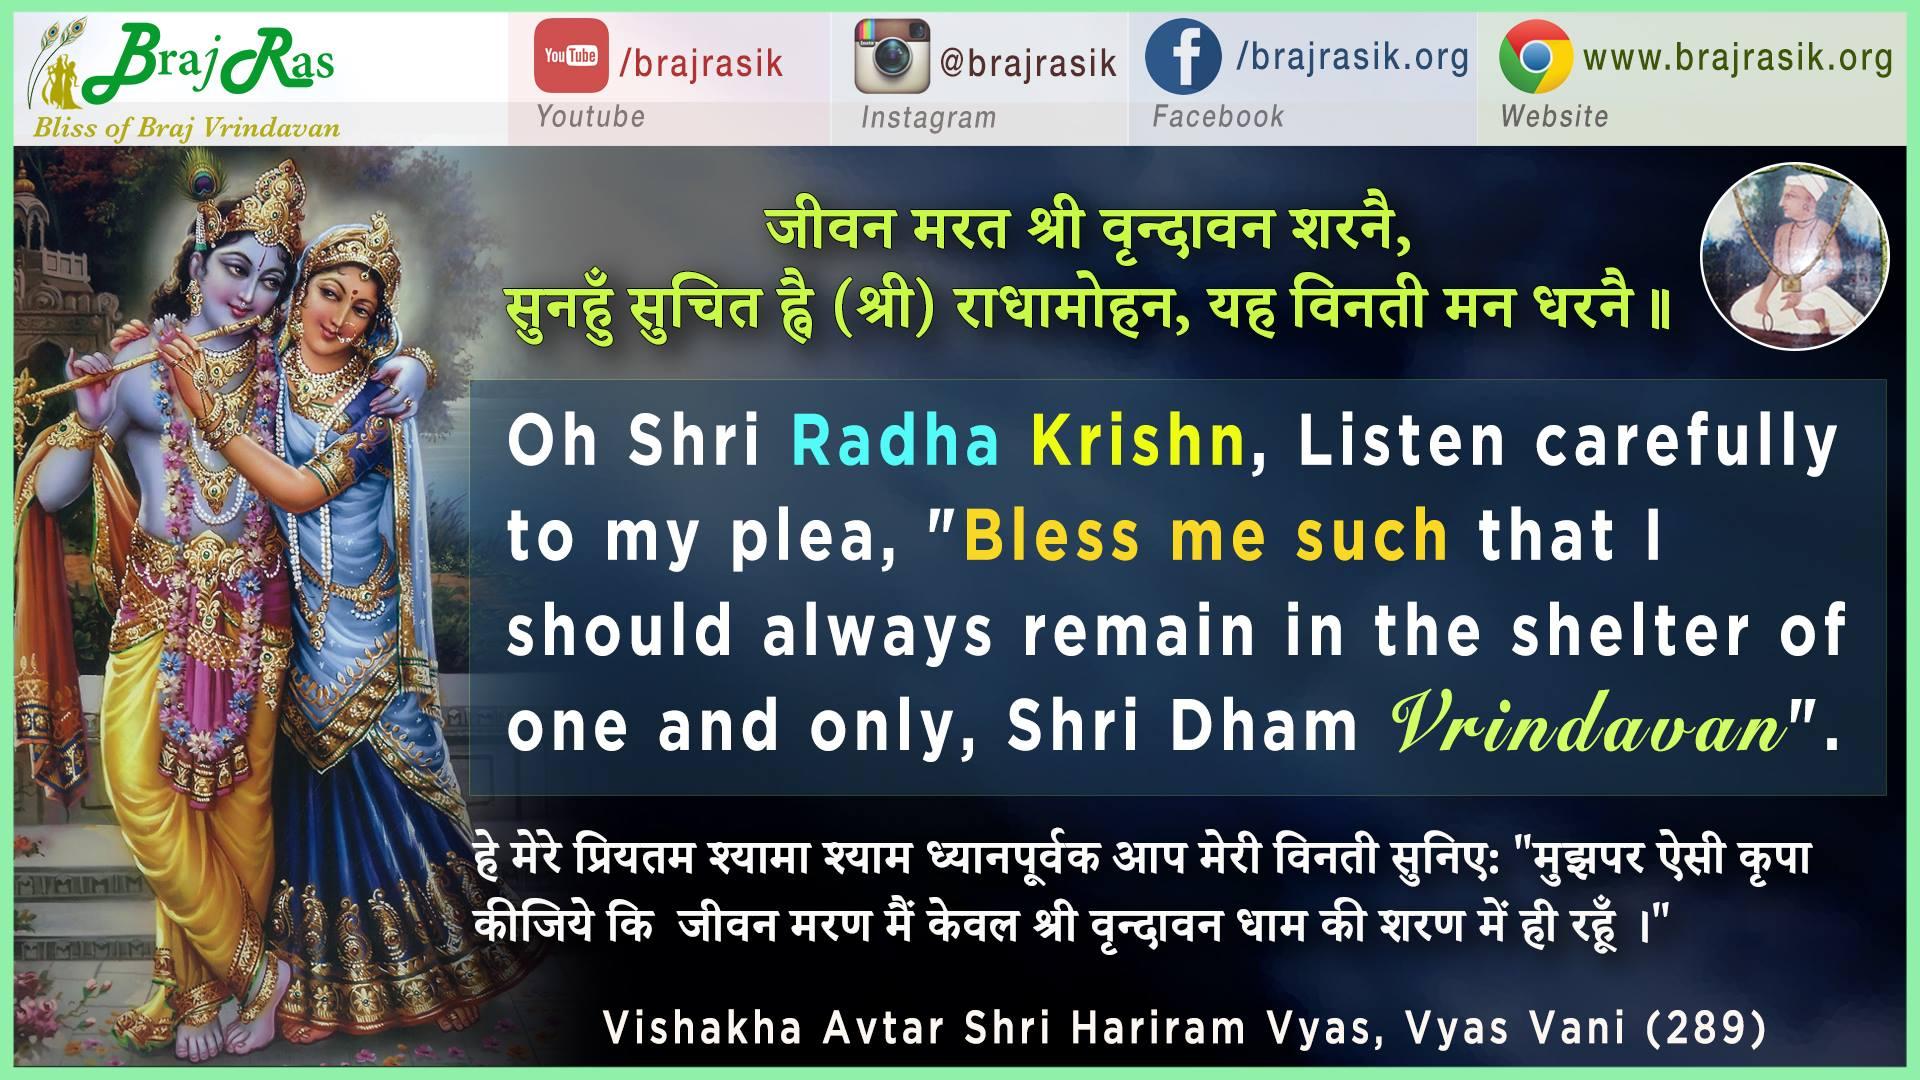 Jeevan Marat Shri Vrindavan Sharein - Shri Hariram Vyas, Vyas Vani (289)